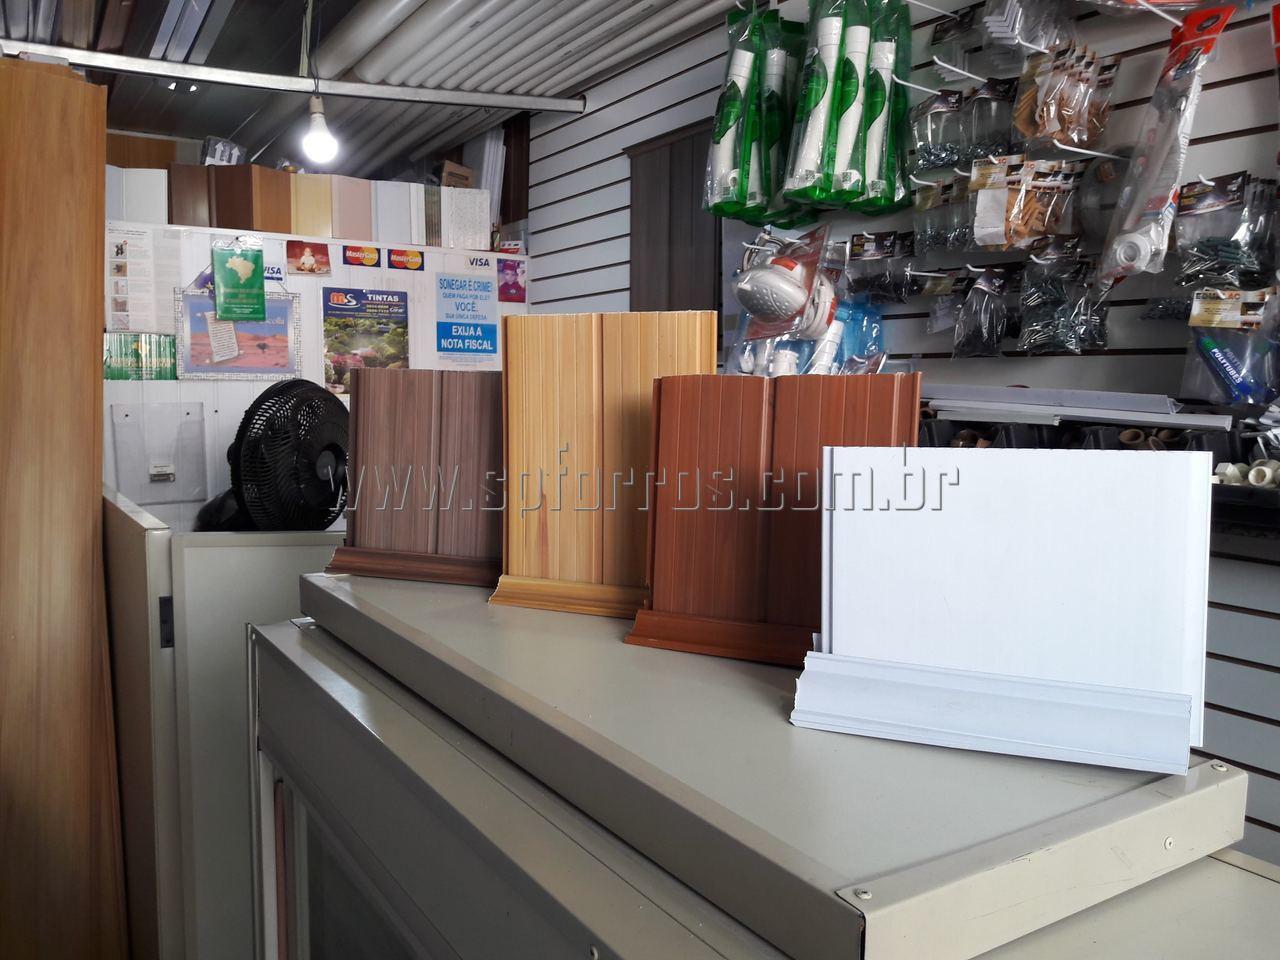 sp forros pvc cores de madeira em Piritu